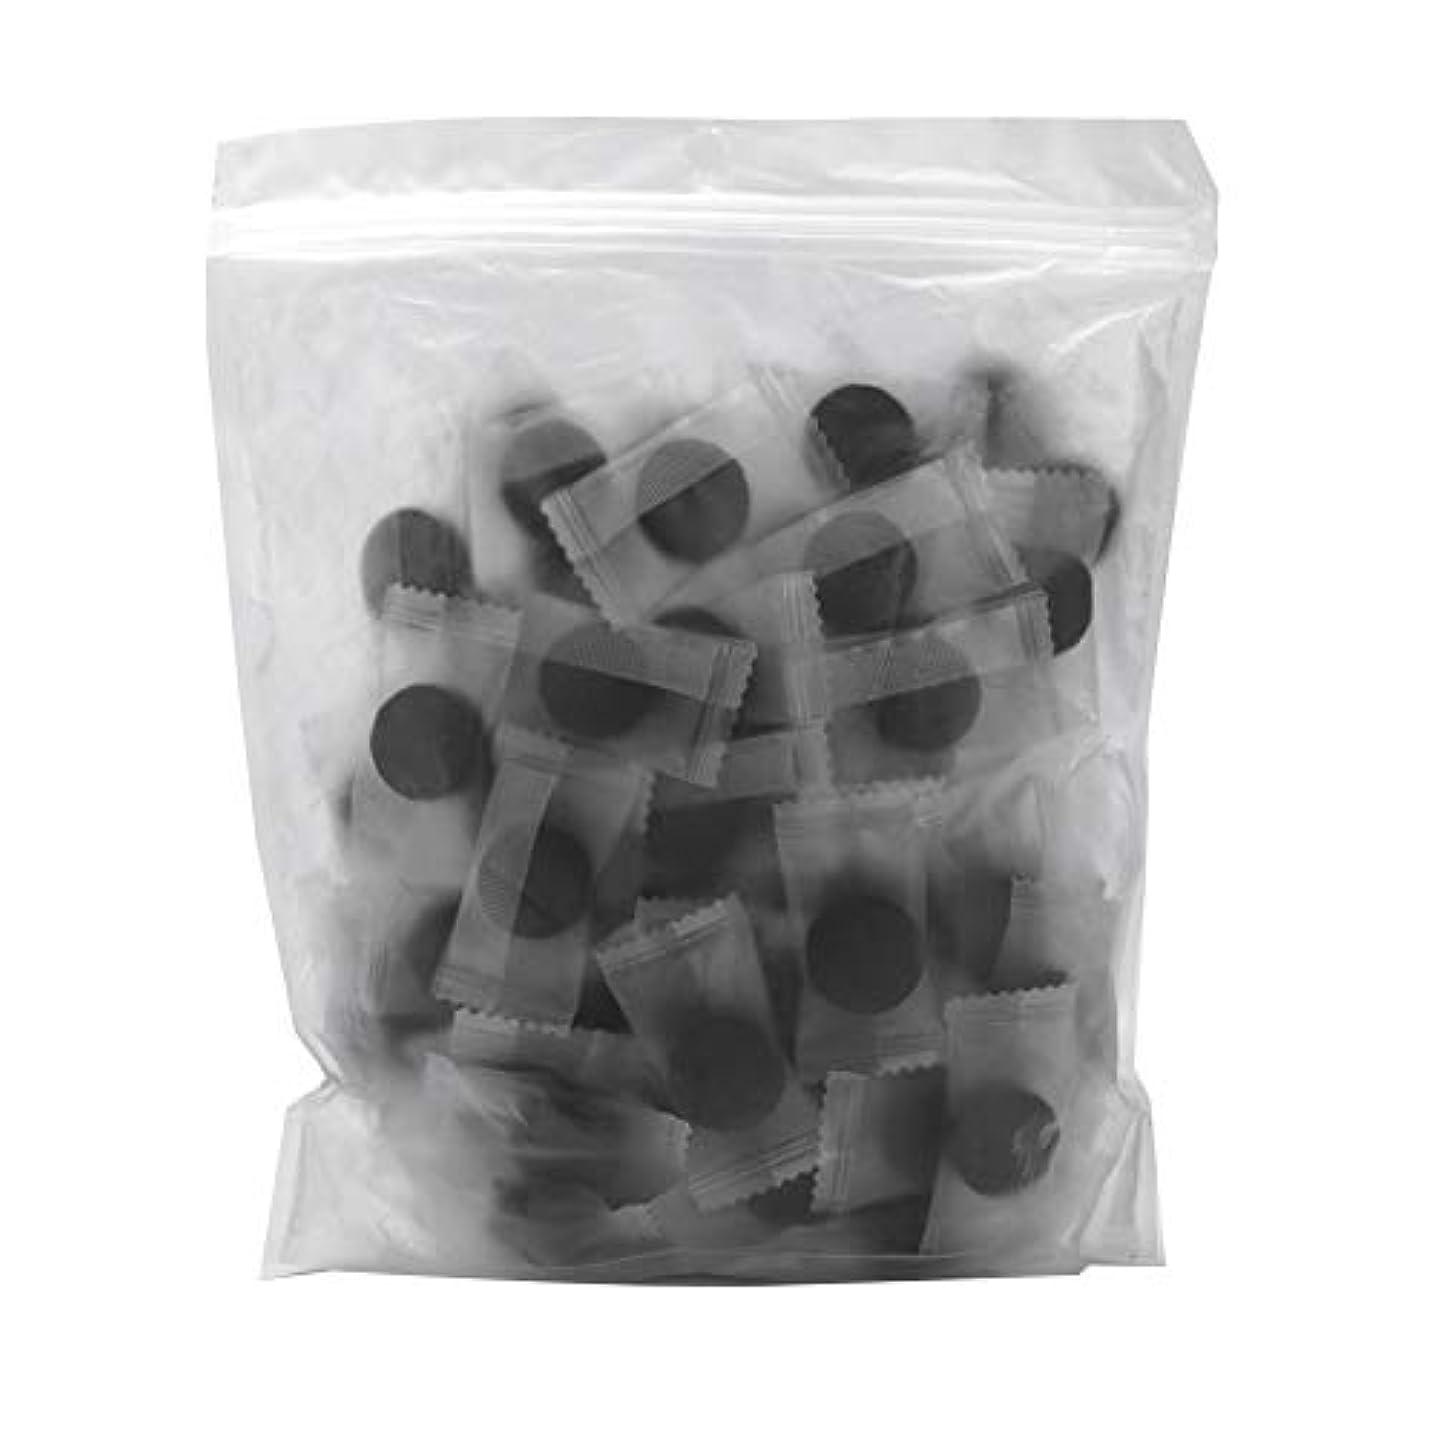 またアラームカロリー竹炭繊維 100ピース 圧縮フェースマスク 紙DIY スキンケア diy フェイシャルマスク